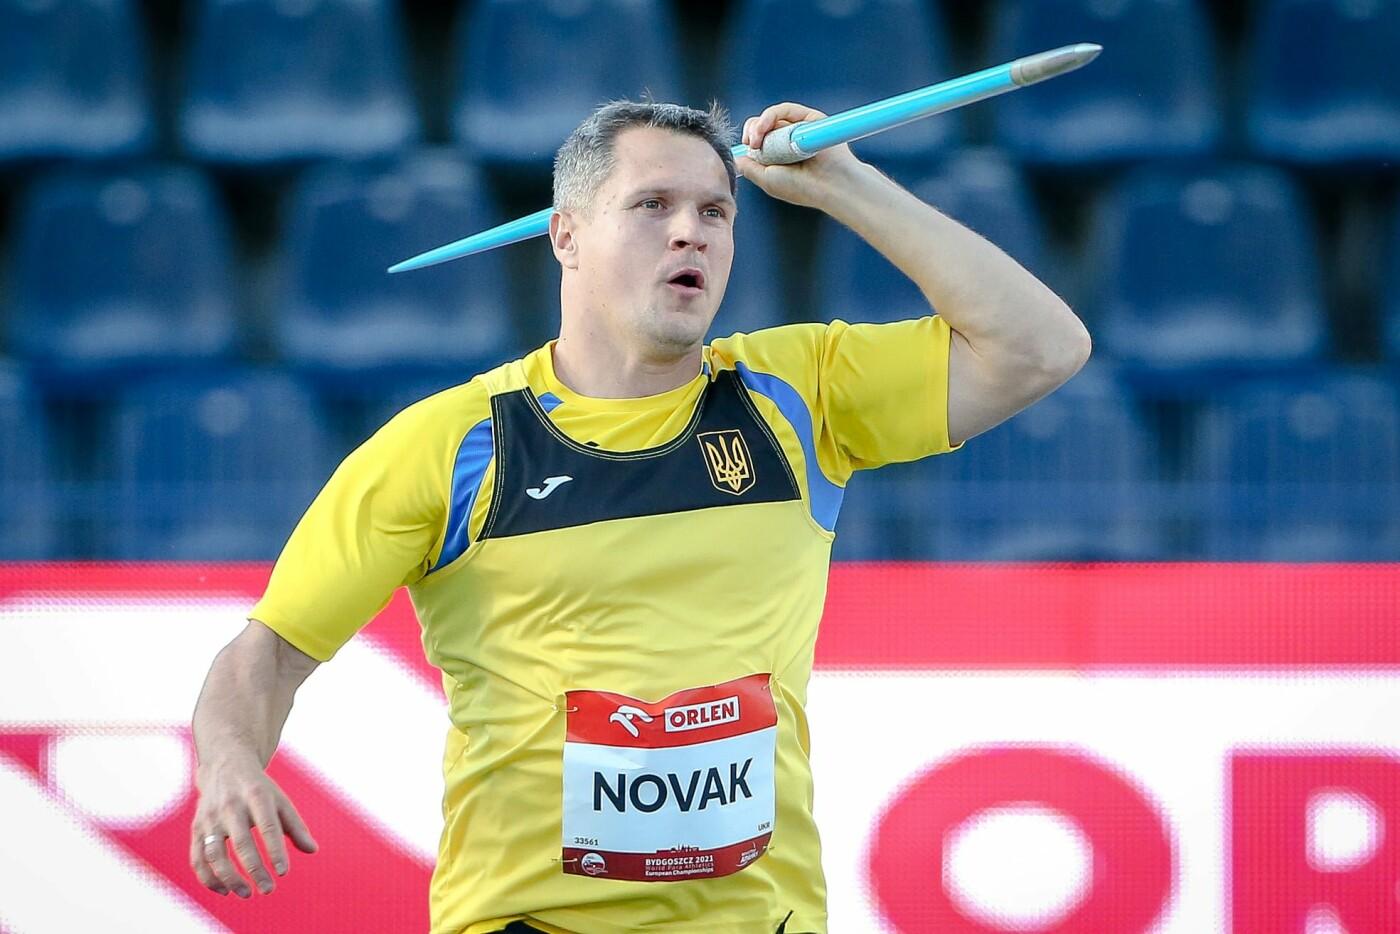 Рівненський спортсмен підкорив Європу на змаганнях з легкої атлетики, фото-2